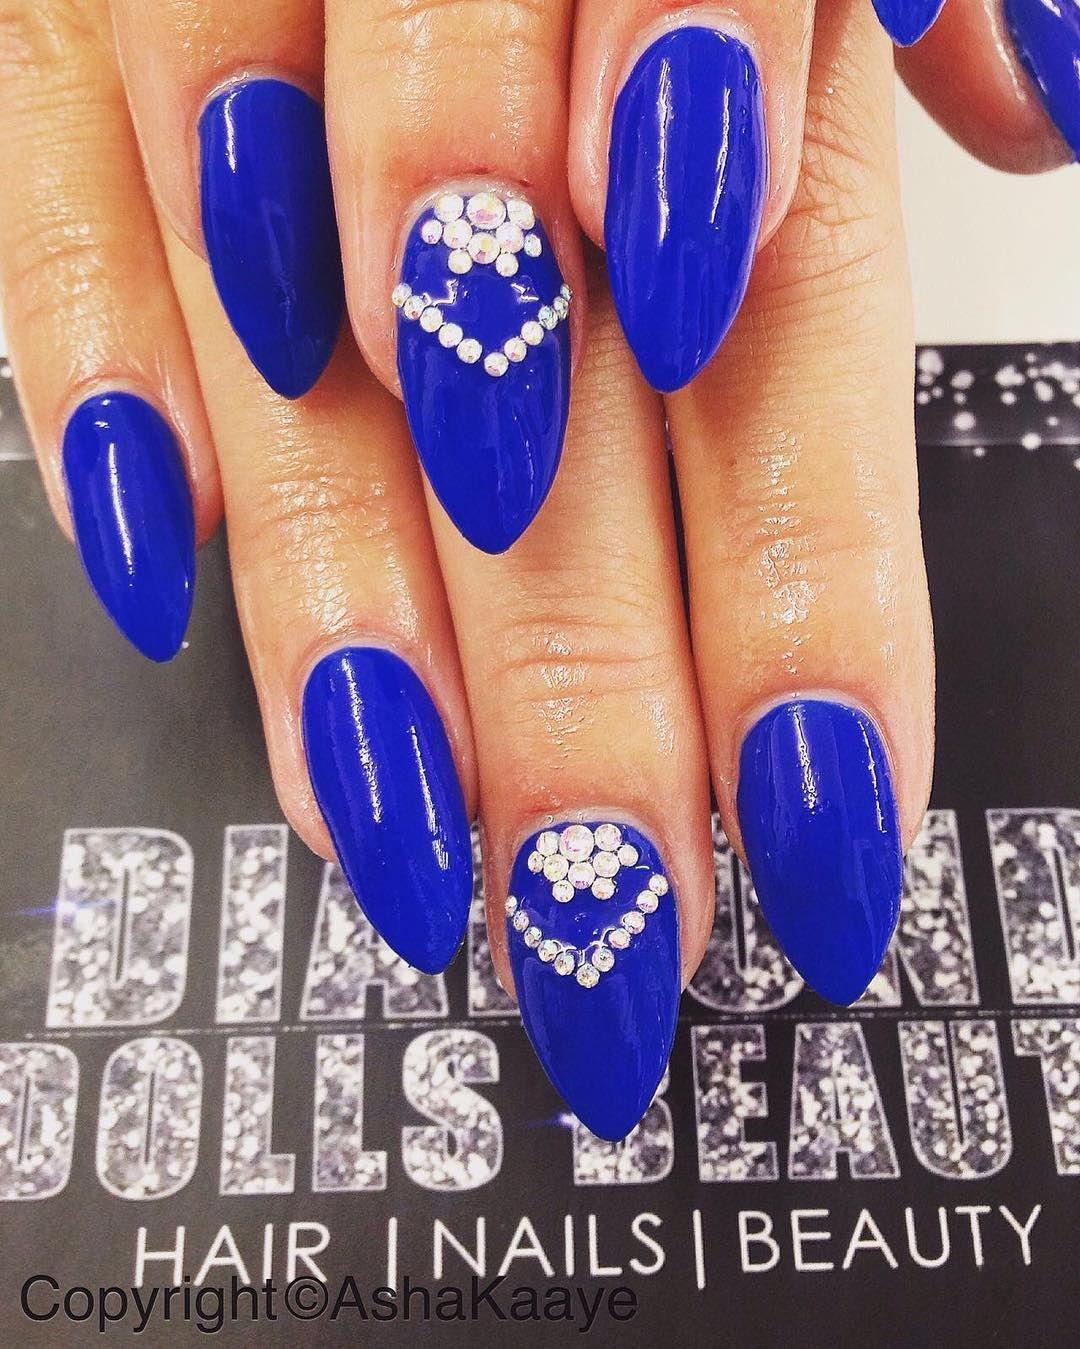 Daneloo Colourful Acrylic Nails Blue Nail Art Designs Acrylic Nail Designs